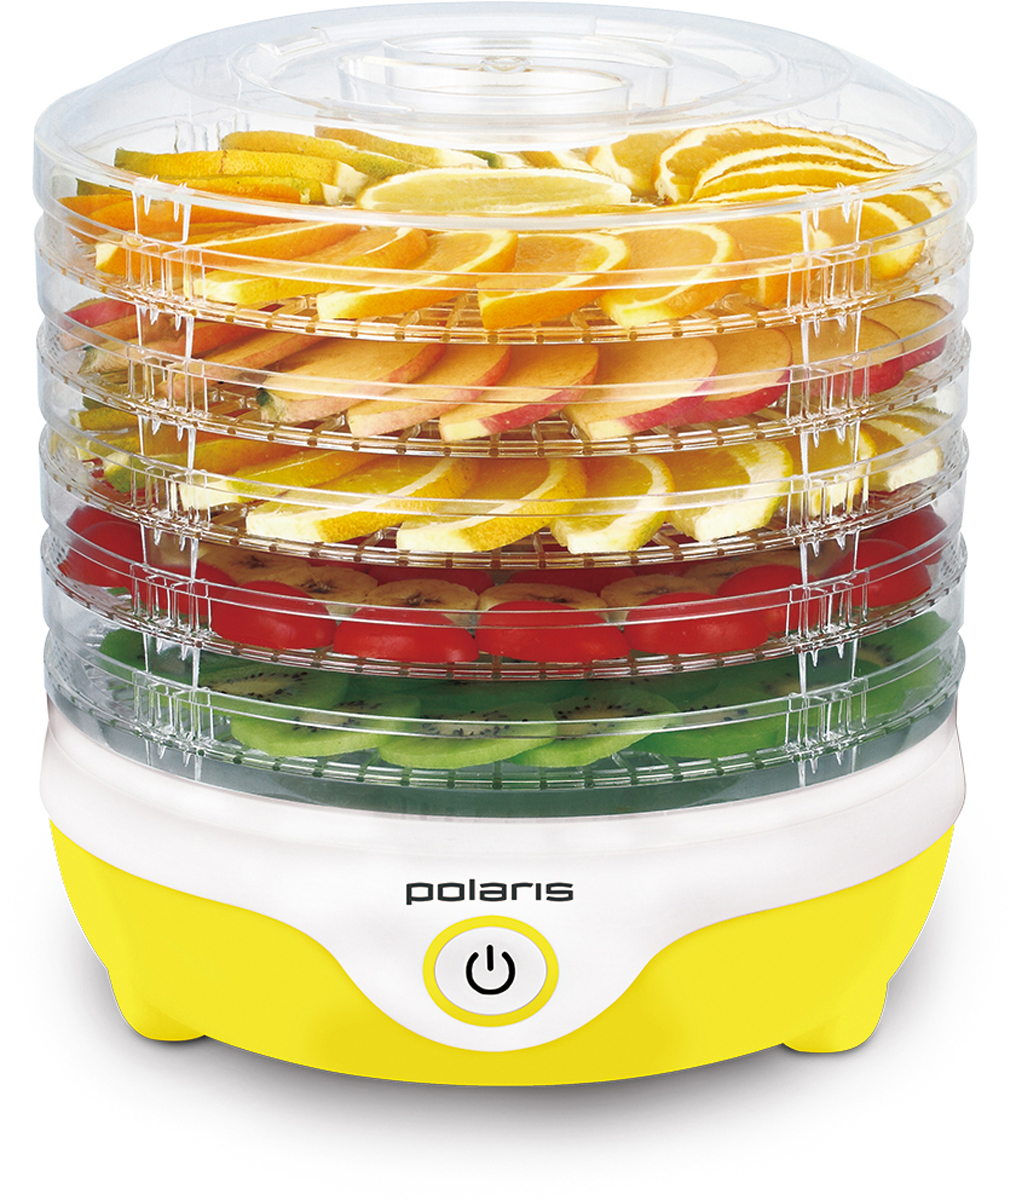 Polaris PFD 2405D сушилка для овощей и фруктов - Стиральные машины и сушильные аппараты